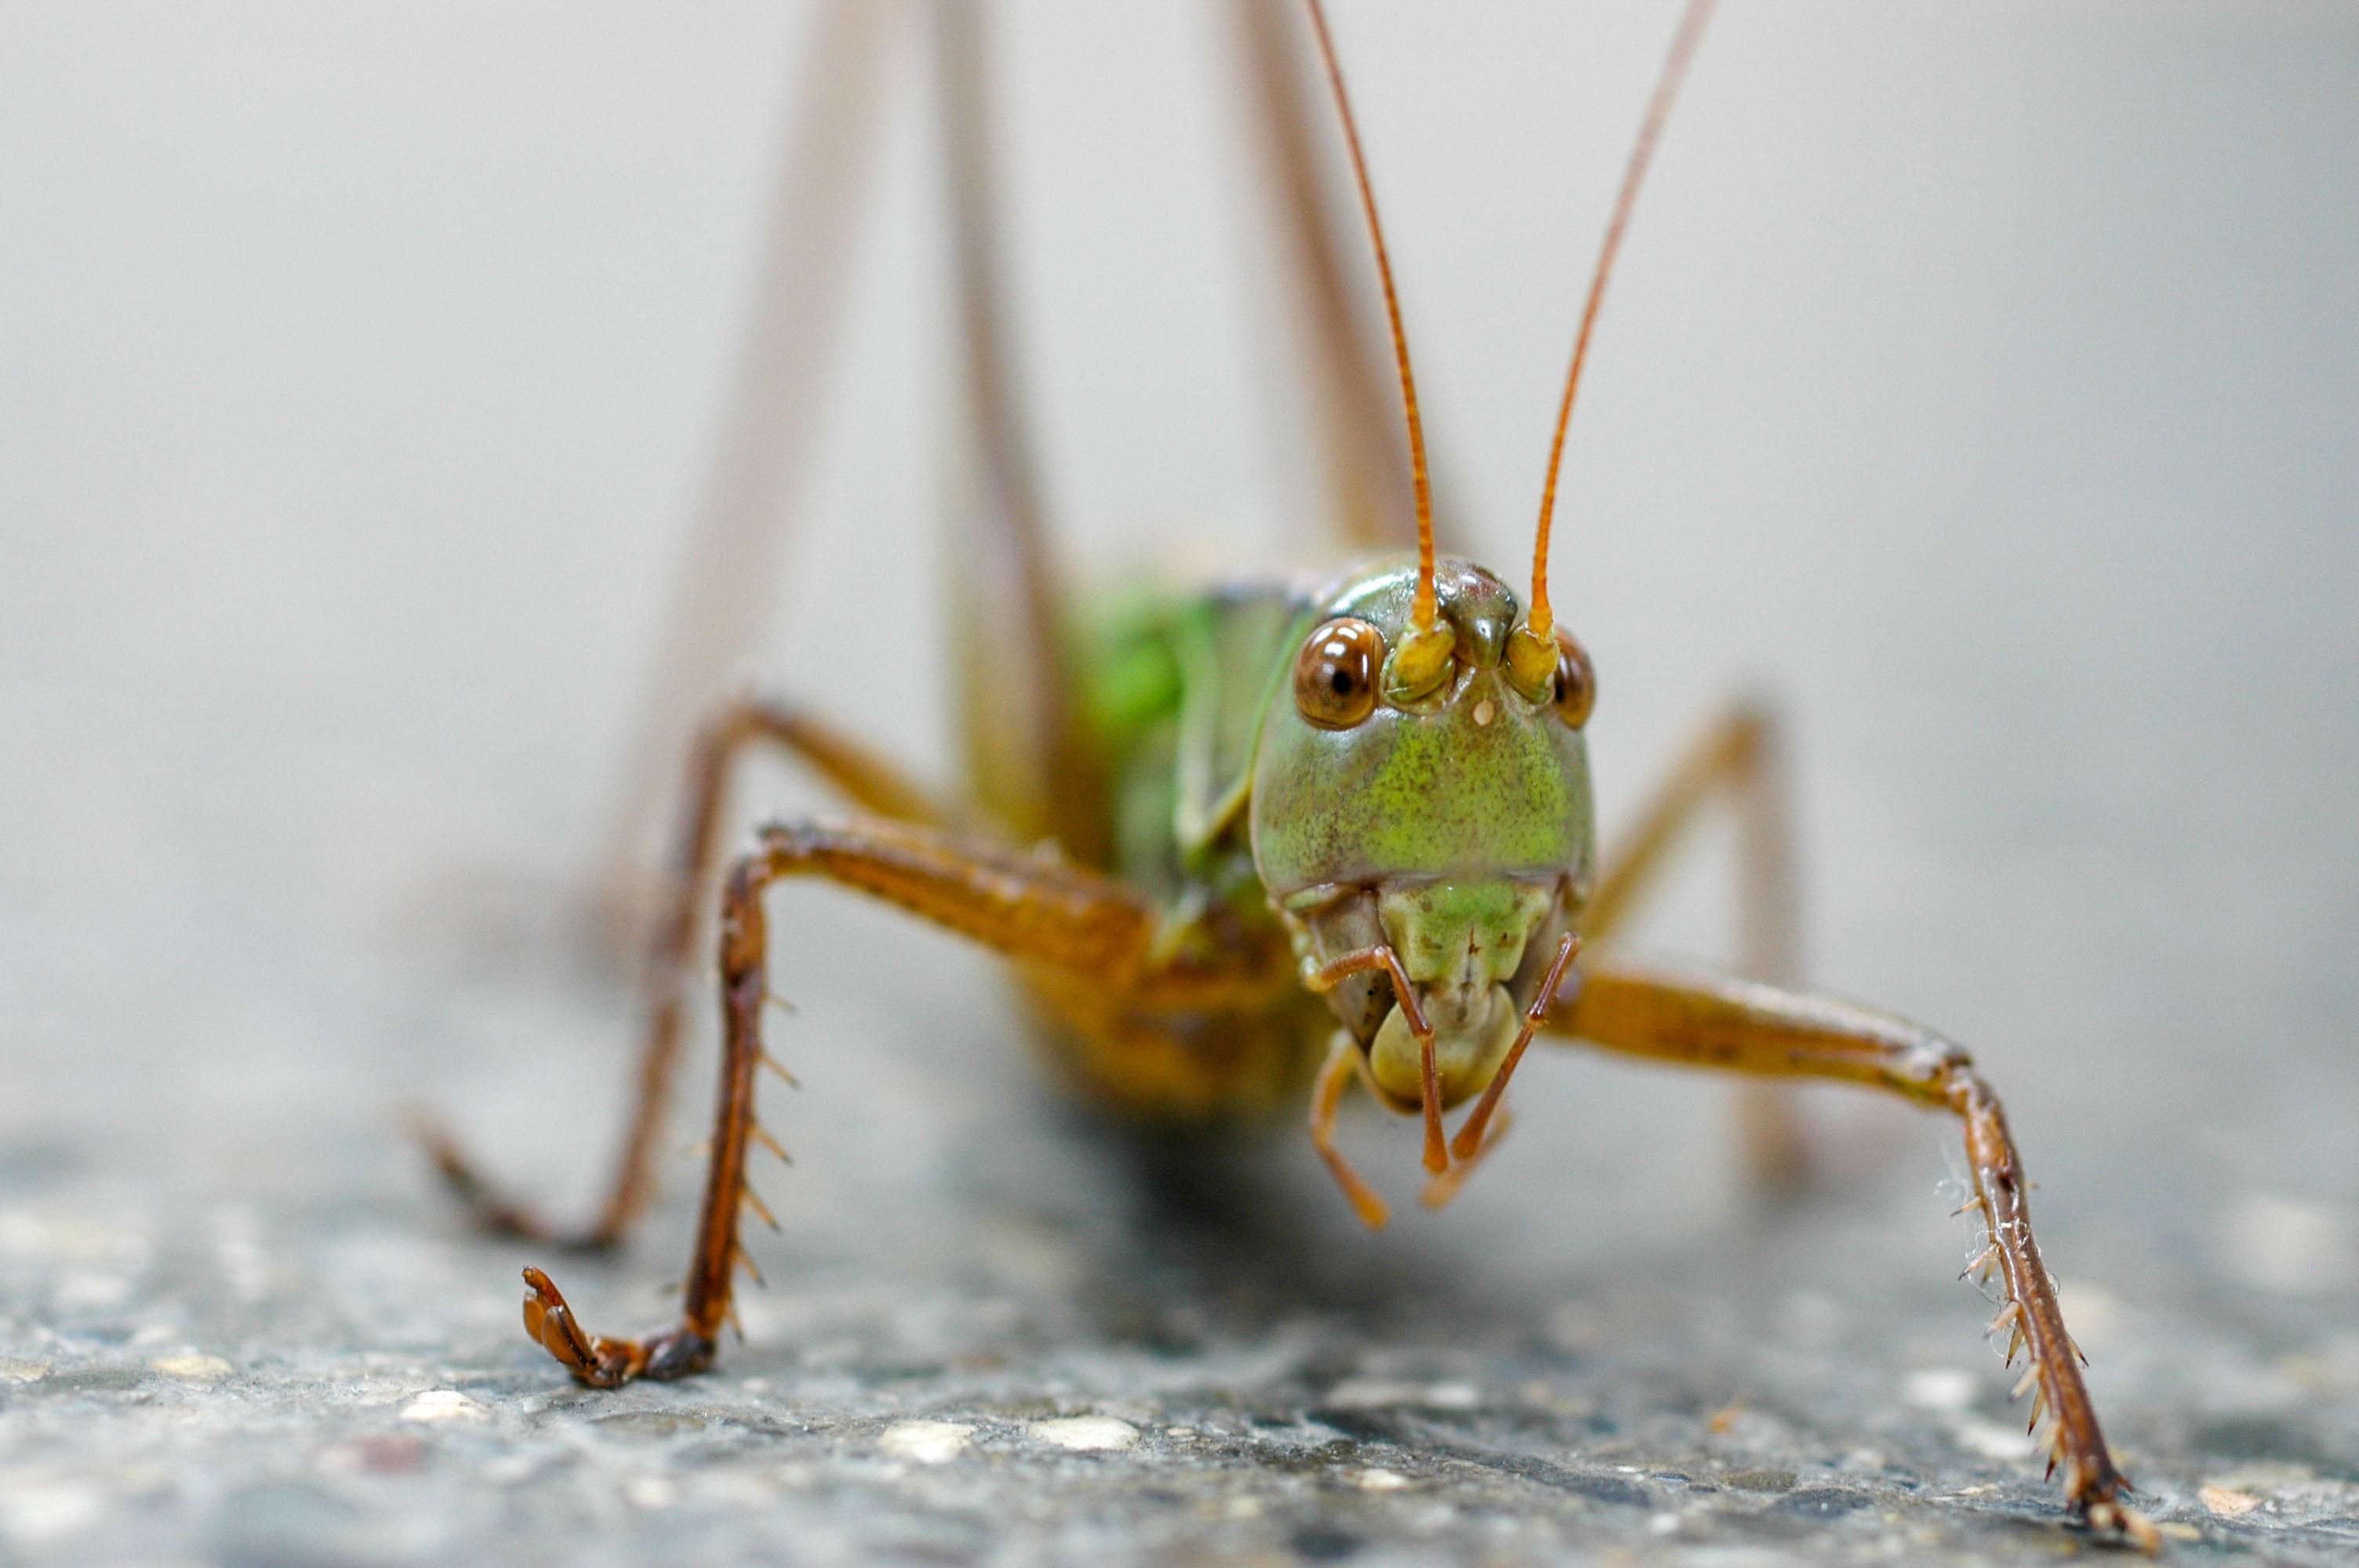 キリギリスの写真